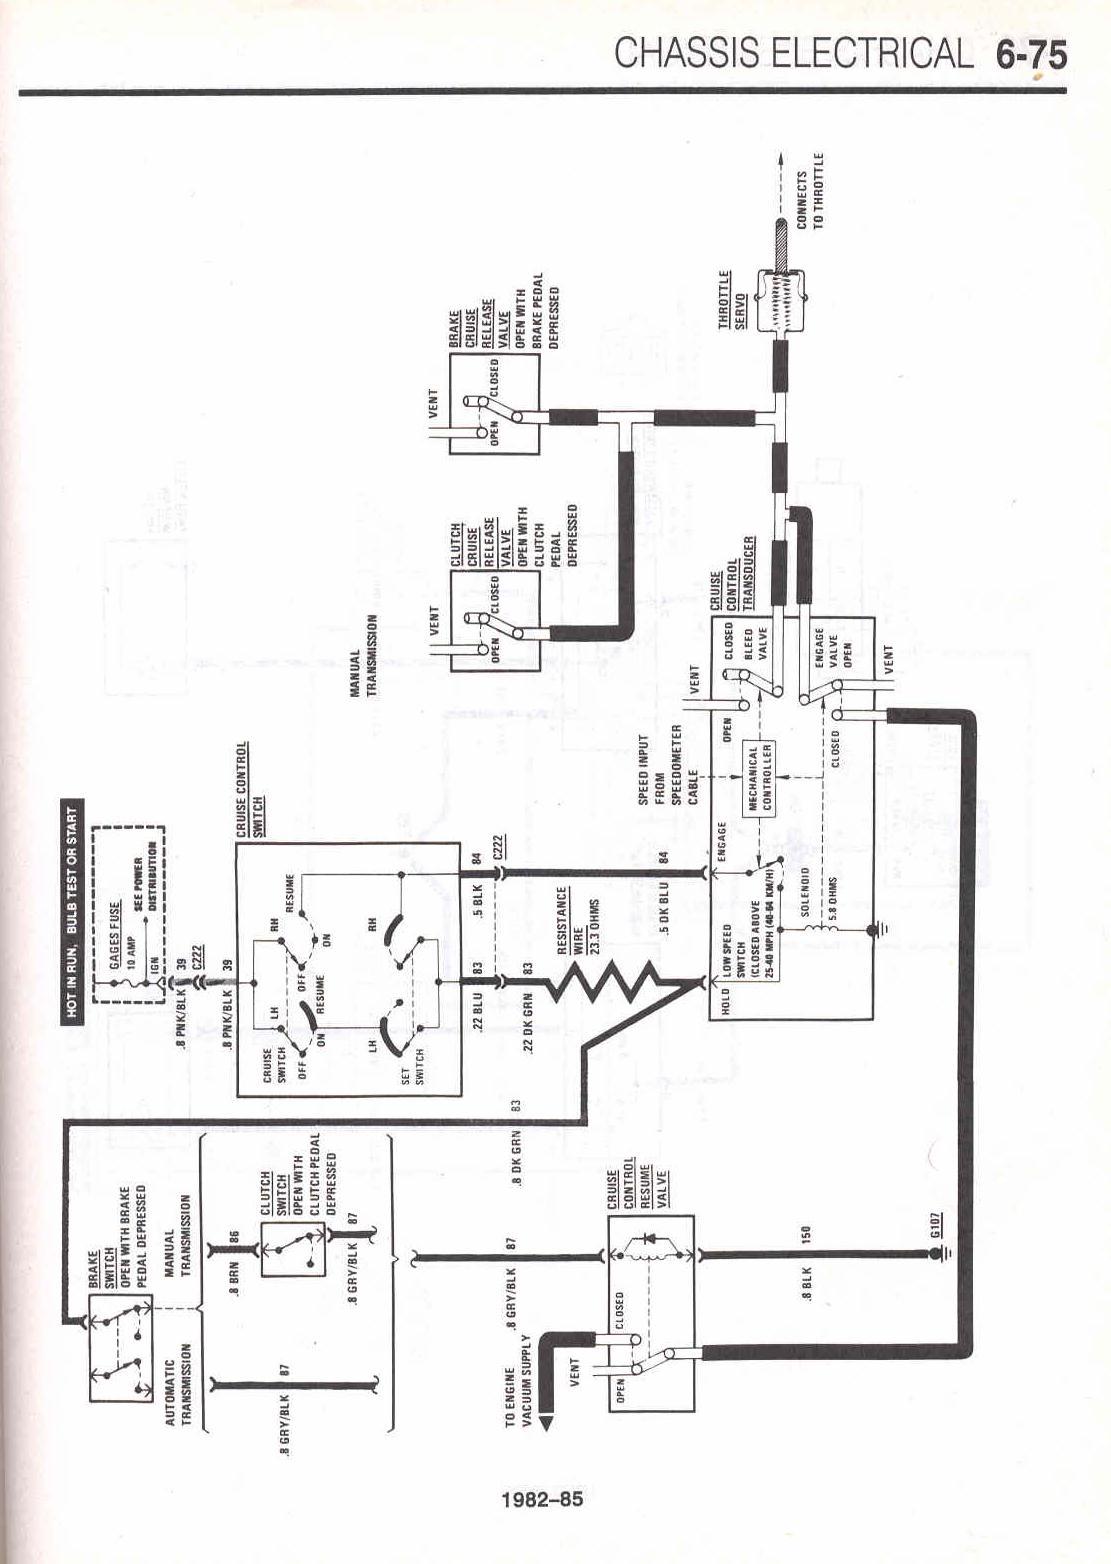 84 camaro radio wiring diagram wiring diagram